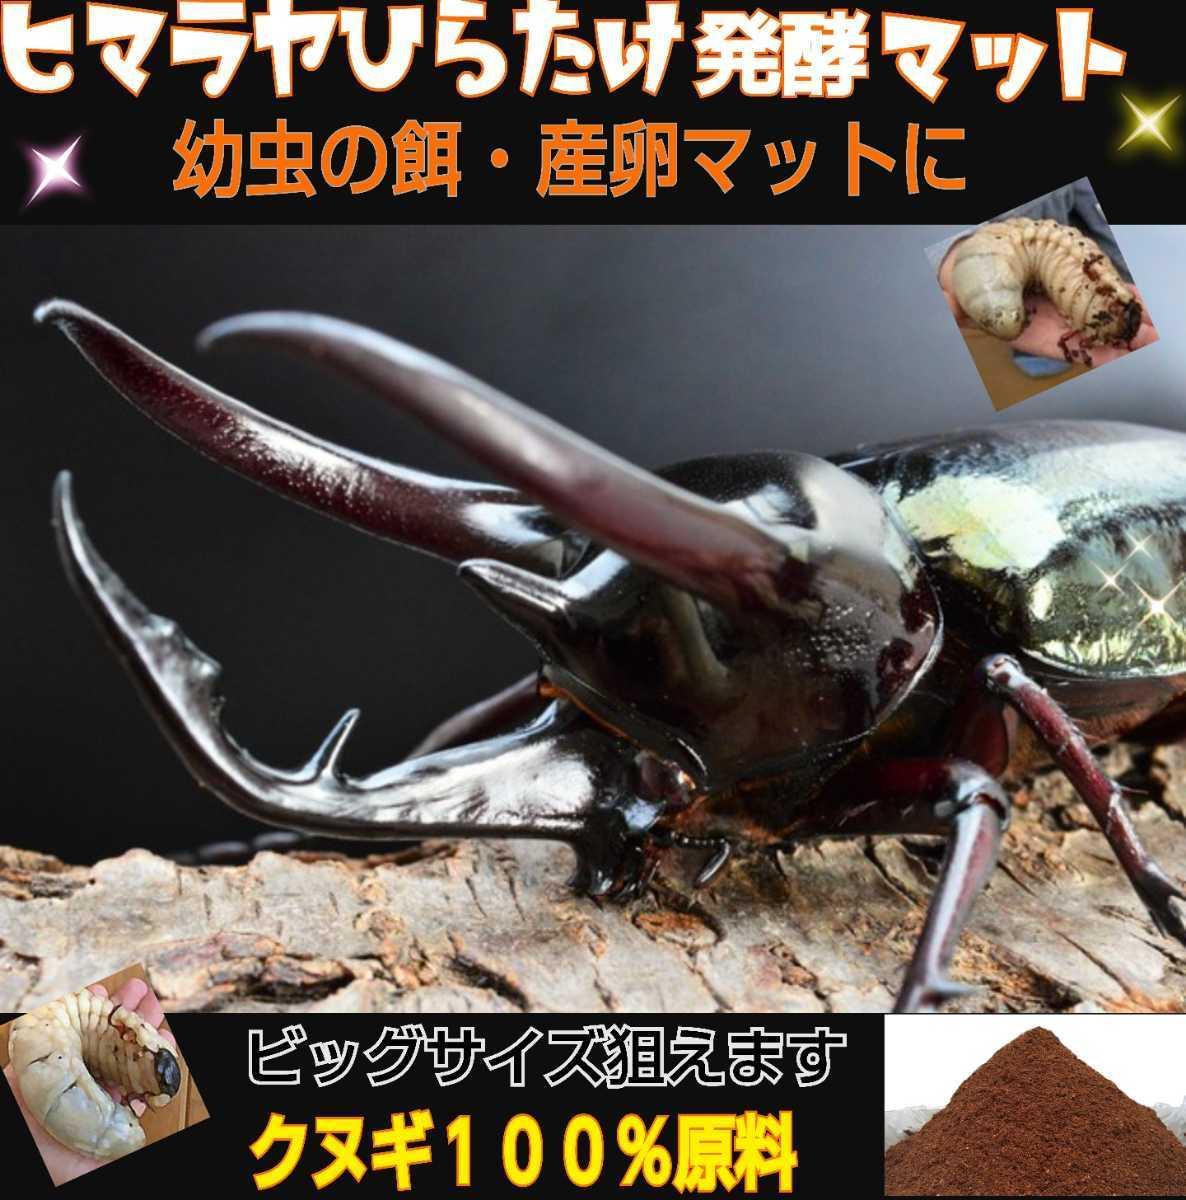 ヒマラヤひらたけ発酵マット☆カブトムシ・クワガタの幼虫の餌、産卵マットに!栄養価抜群なのでビッグサイズ狙えます!クヌギ100%原料_画像3